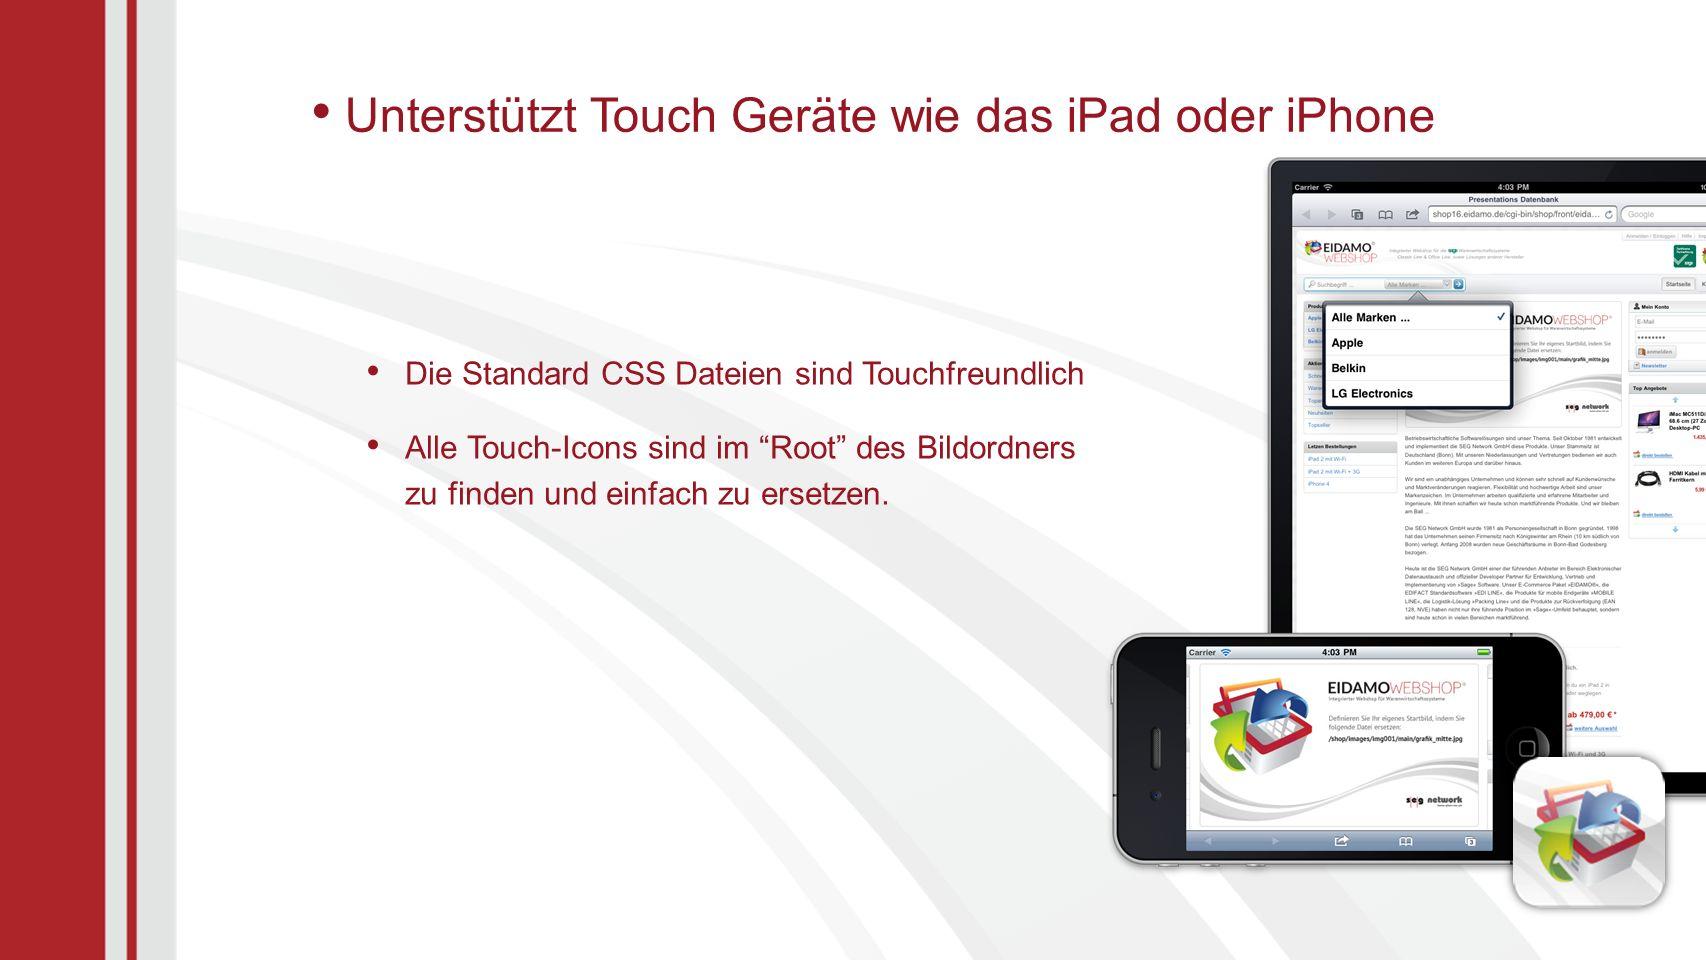 Unterstützt Touch Geräte wie das iPad oder iPhone Die Standard CSS Dateien sind Touchfreundlich Alle Touch-Icons sind im Root des Bildordners zu finden und einfach zu ersetzen.